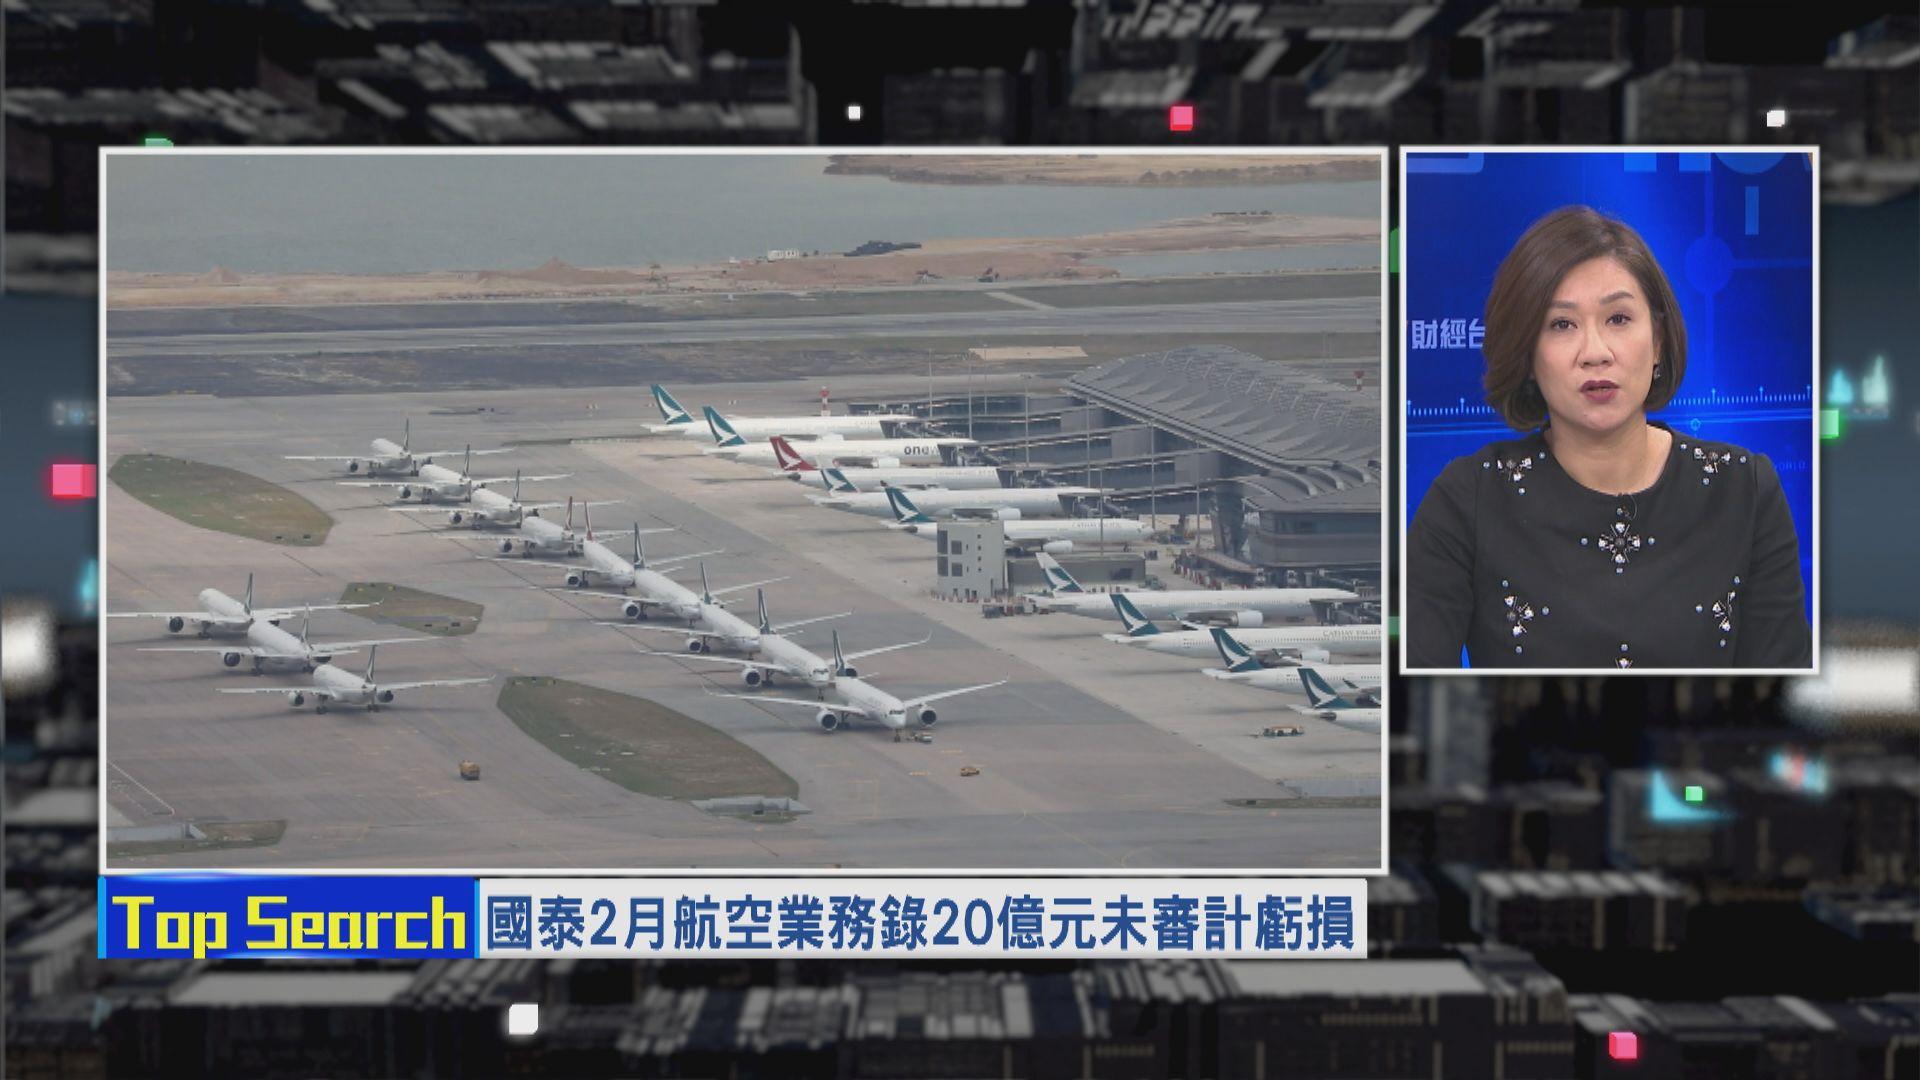 【財經TOP SEARCH】國泰賣飛機救亡 航空業誰能生存到最後?